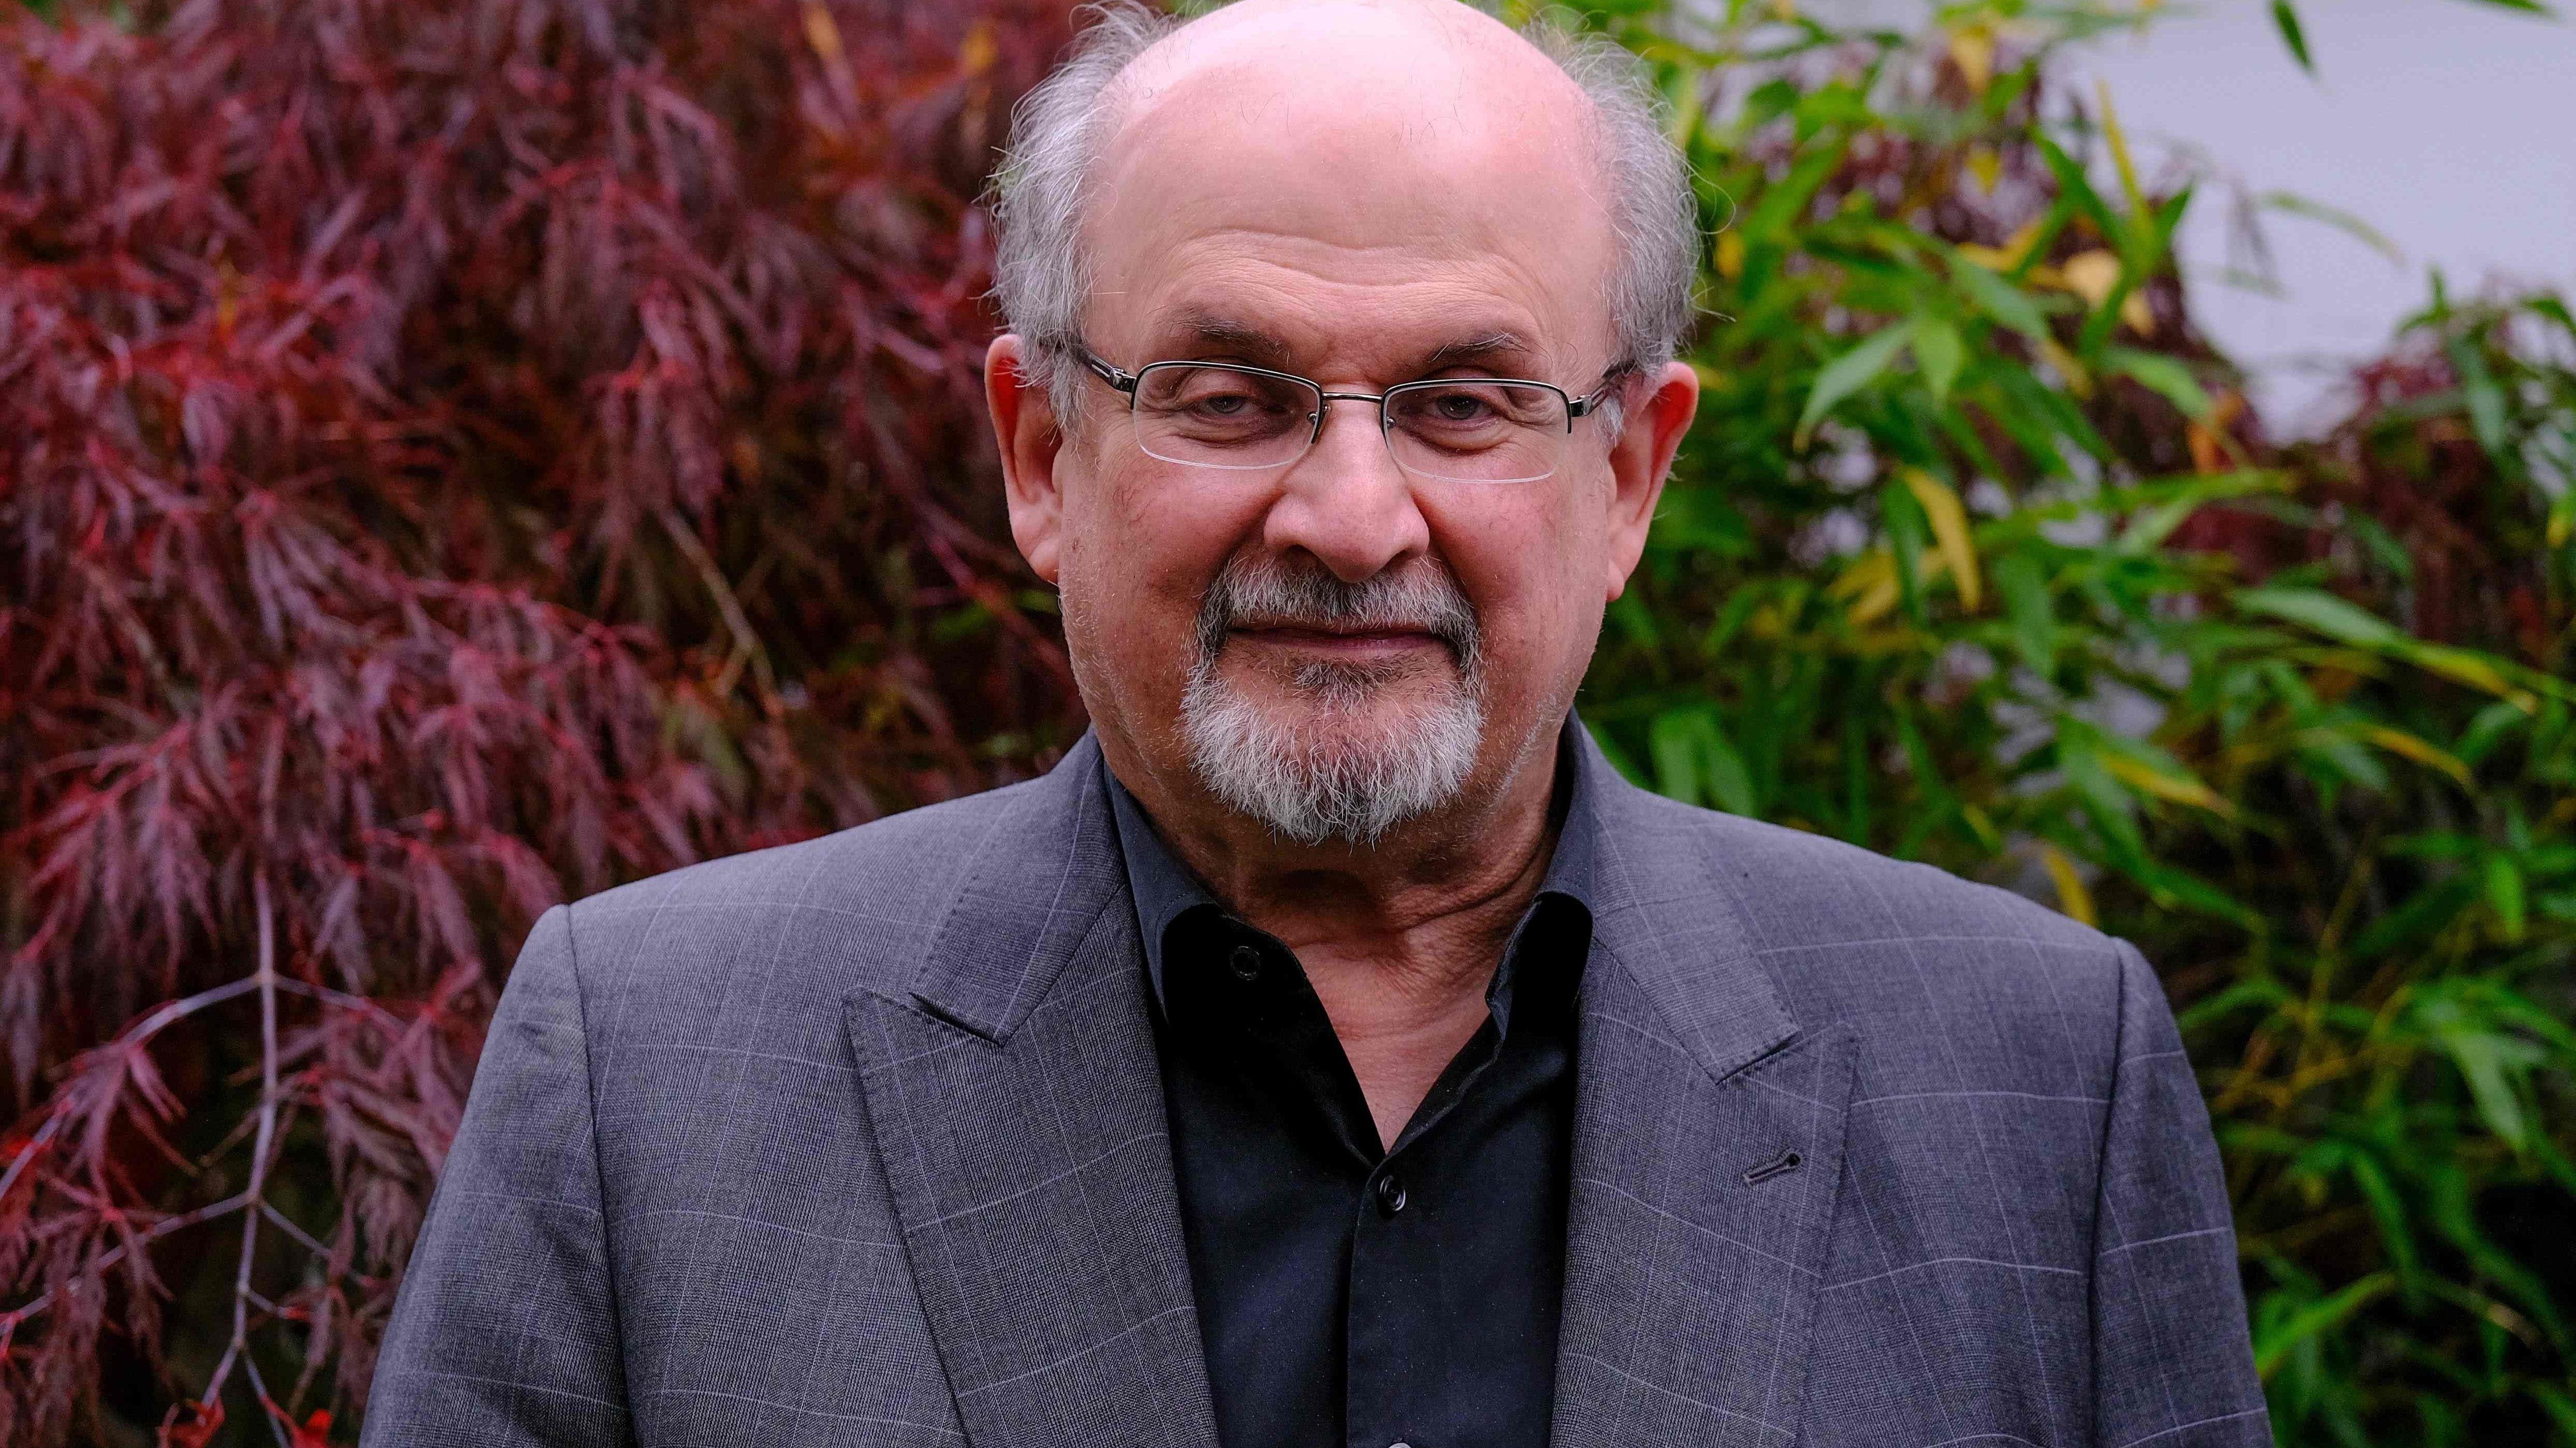 Salman Rushdie im Anzug vor einer Kulisse aus tief roten und grünen Sträuchern